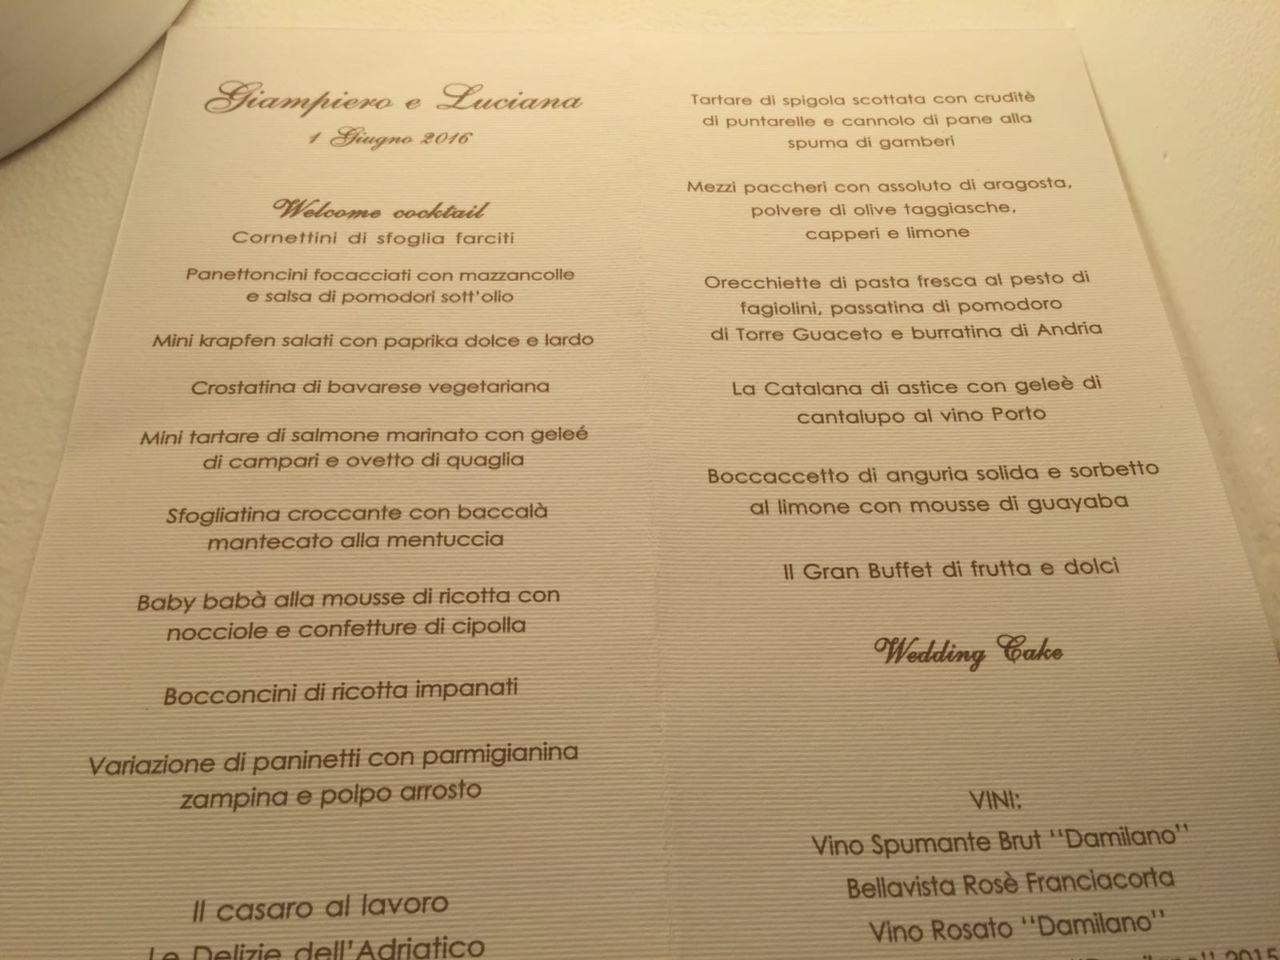 Pranzo Nuziale Puglia : Il menu delle nozze di giampiero ventura puglia mon amour